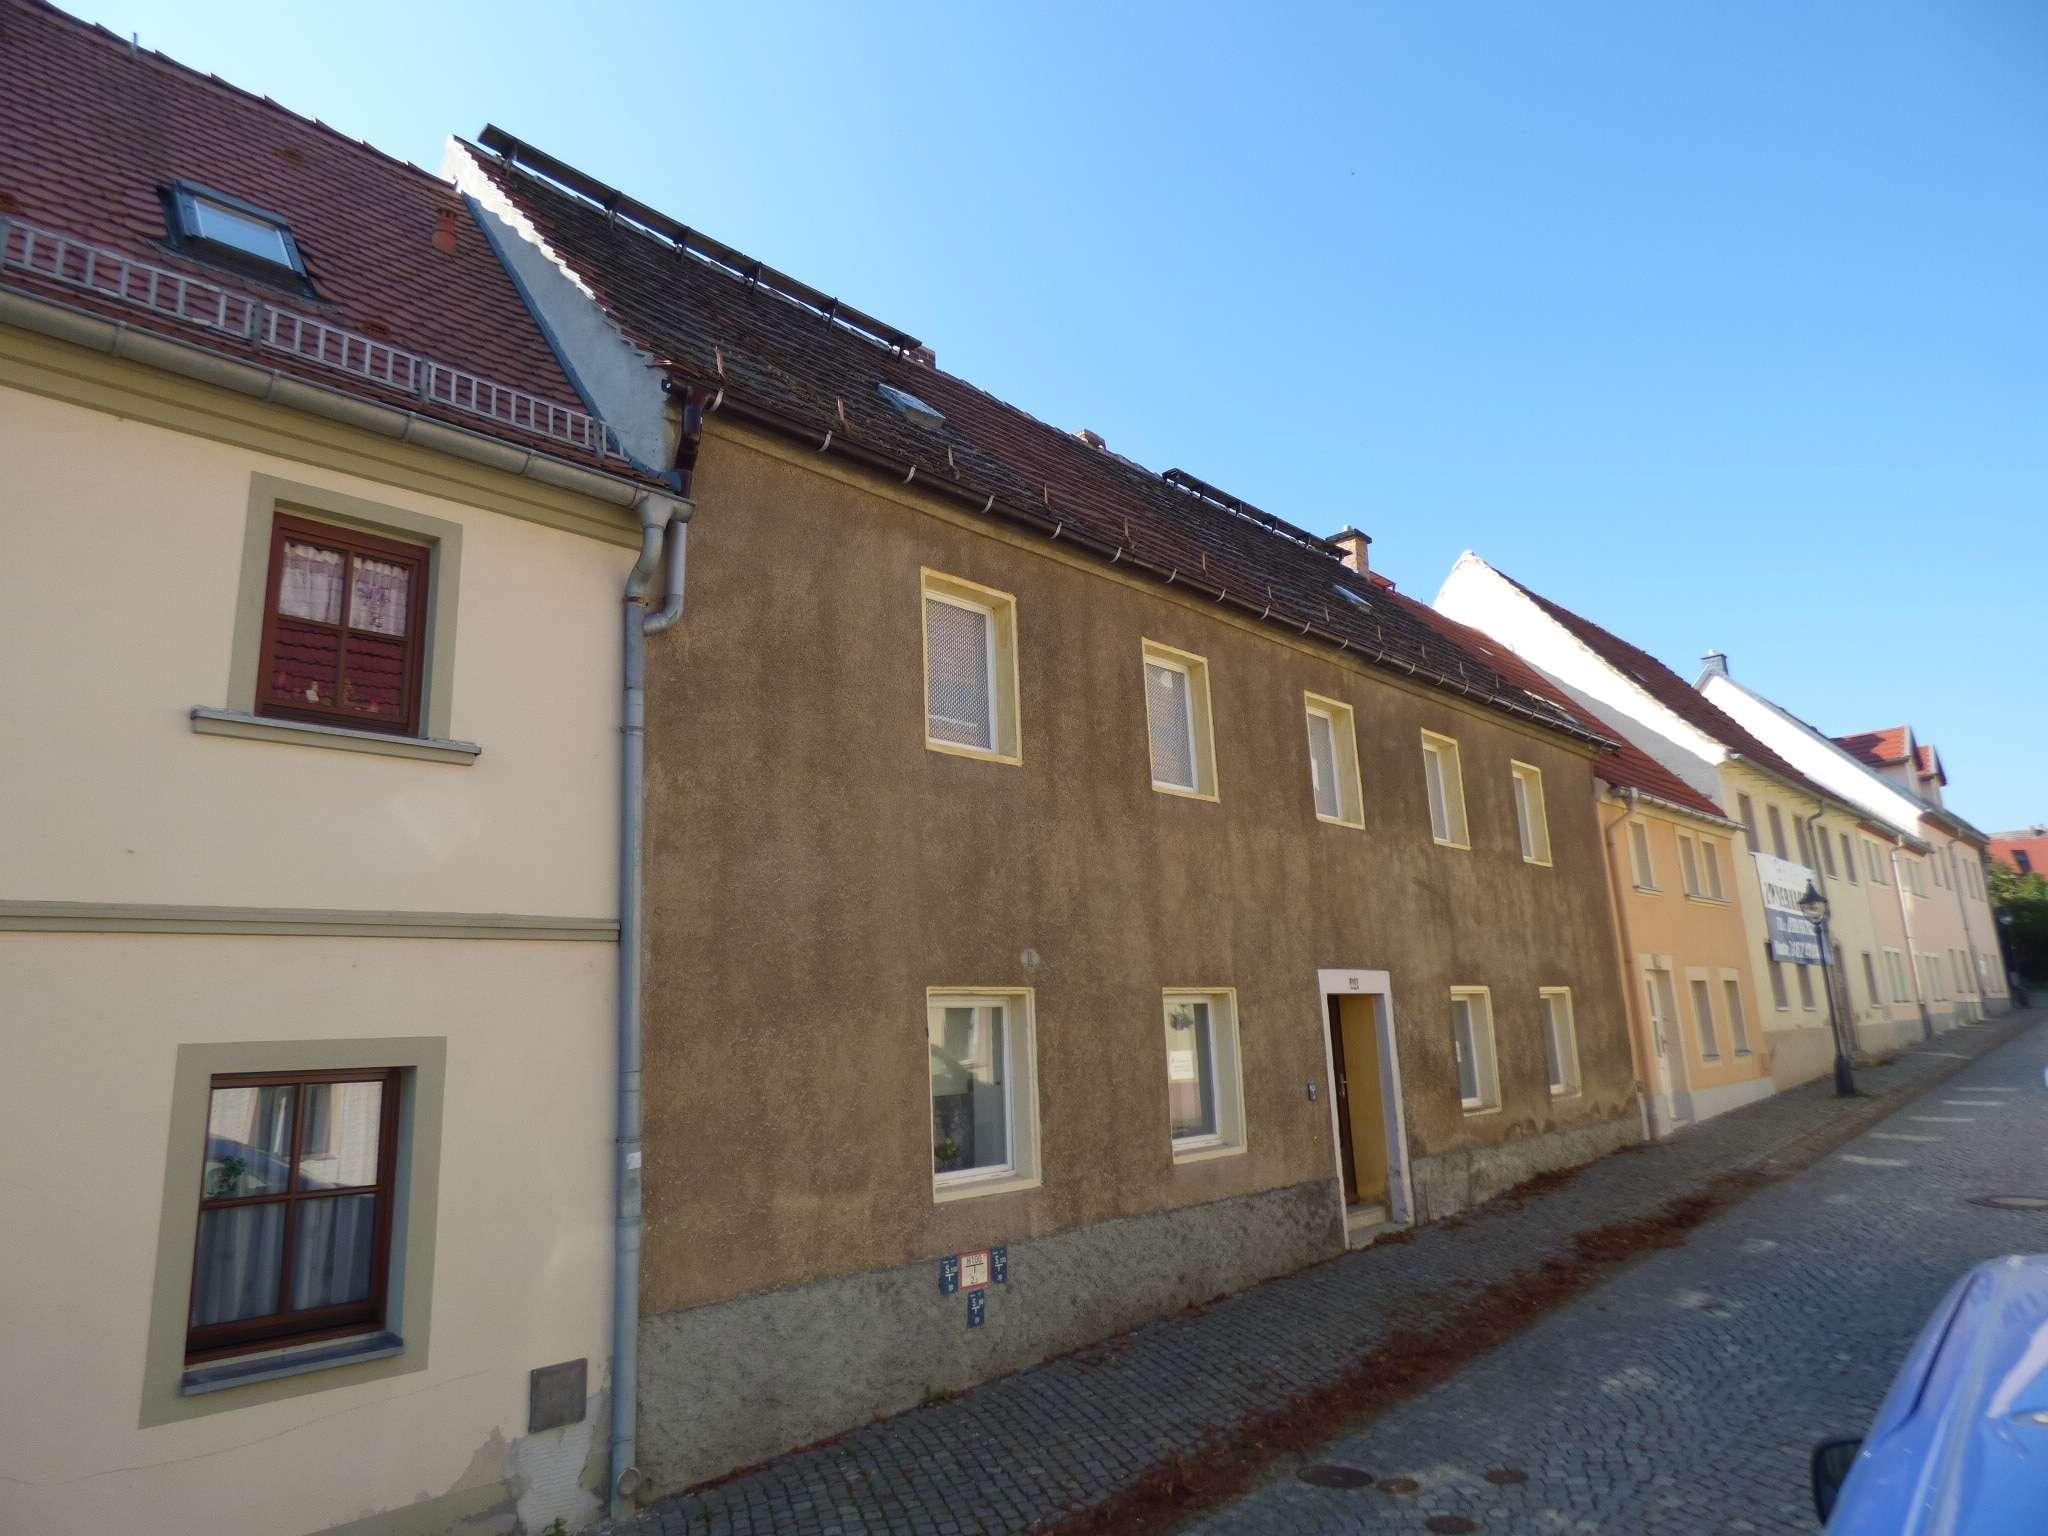 Strehla – Zentrum, Wohnhaus mit Platz und viel Potential - Haus zum Kauf in Strehla